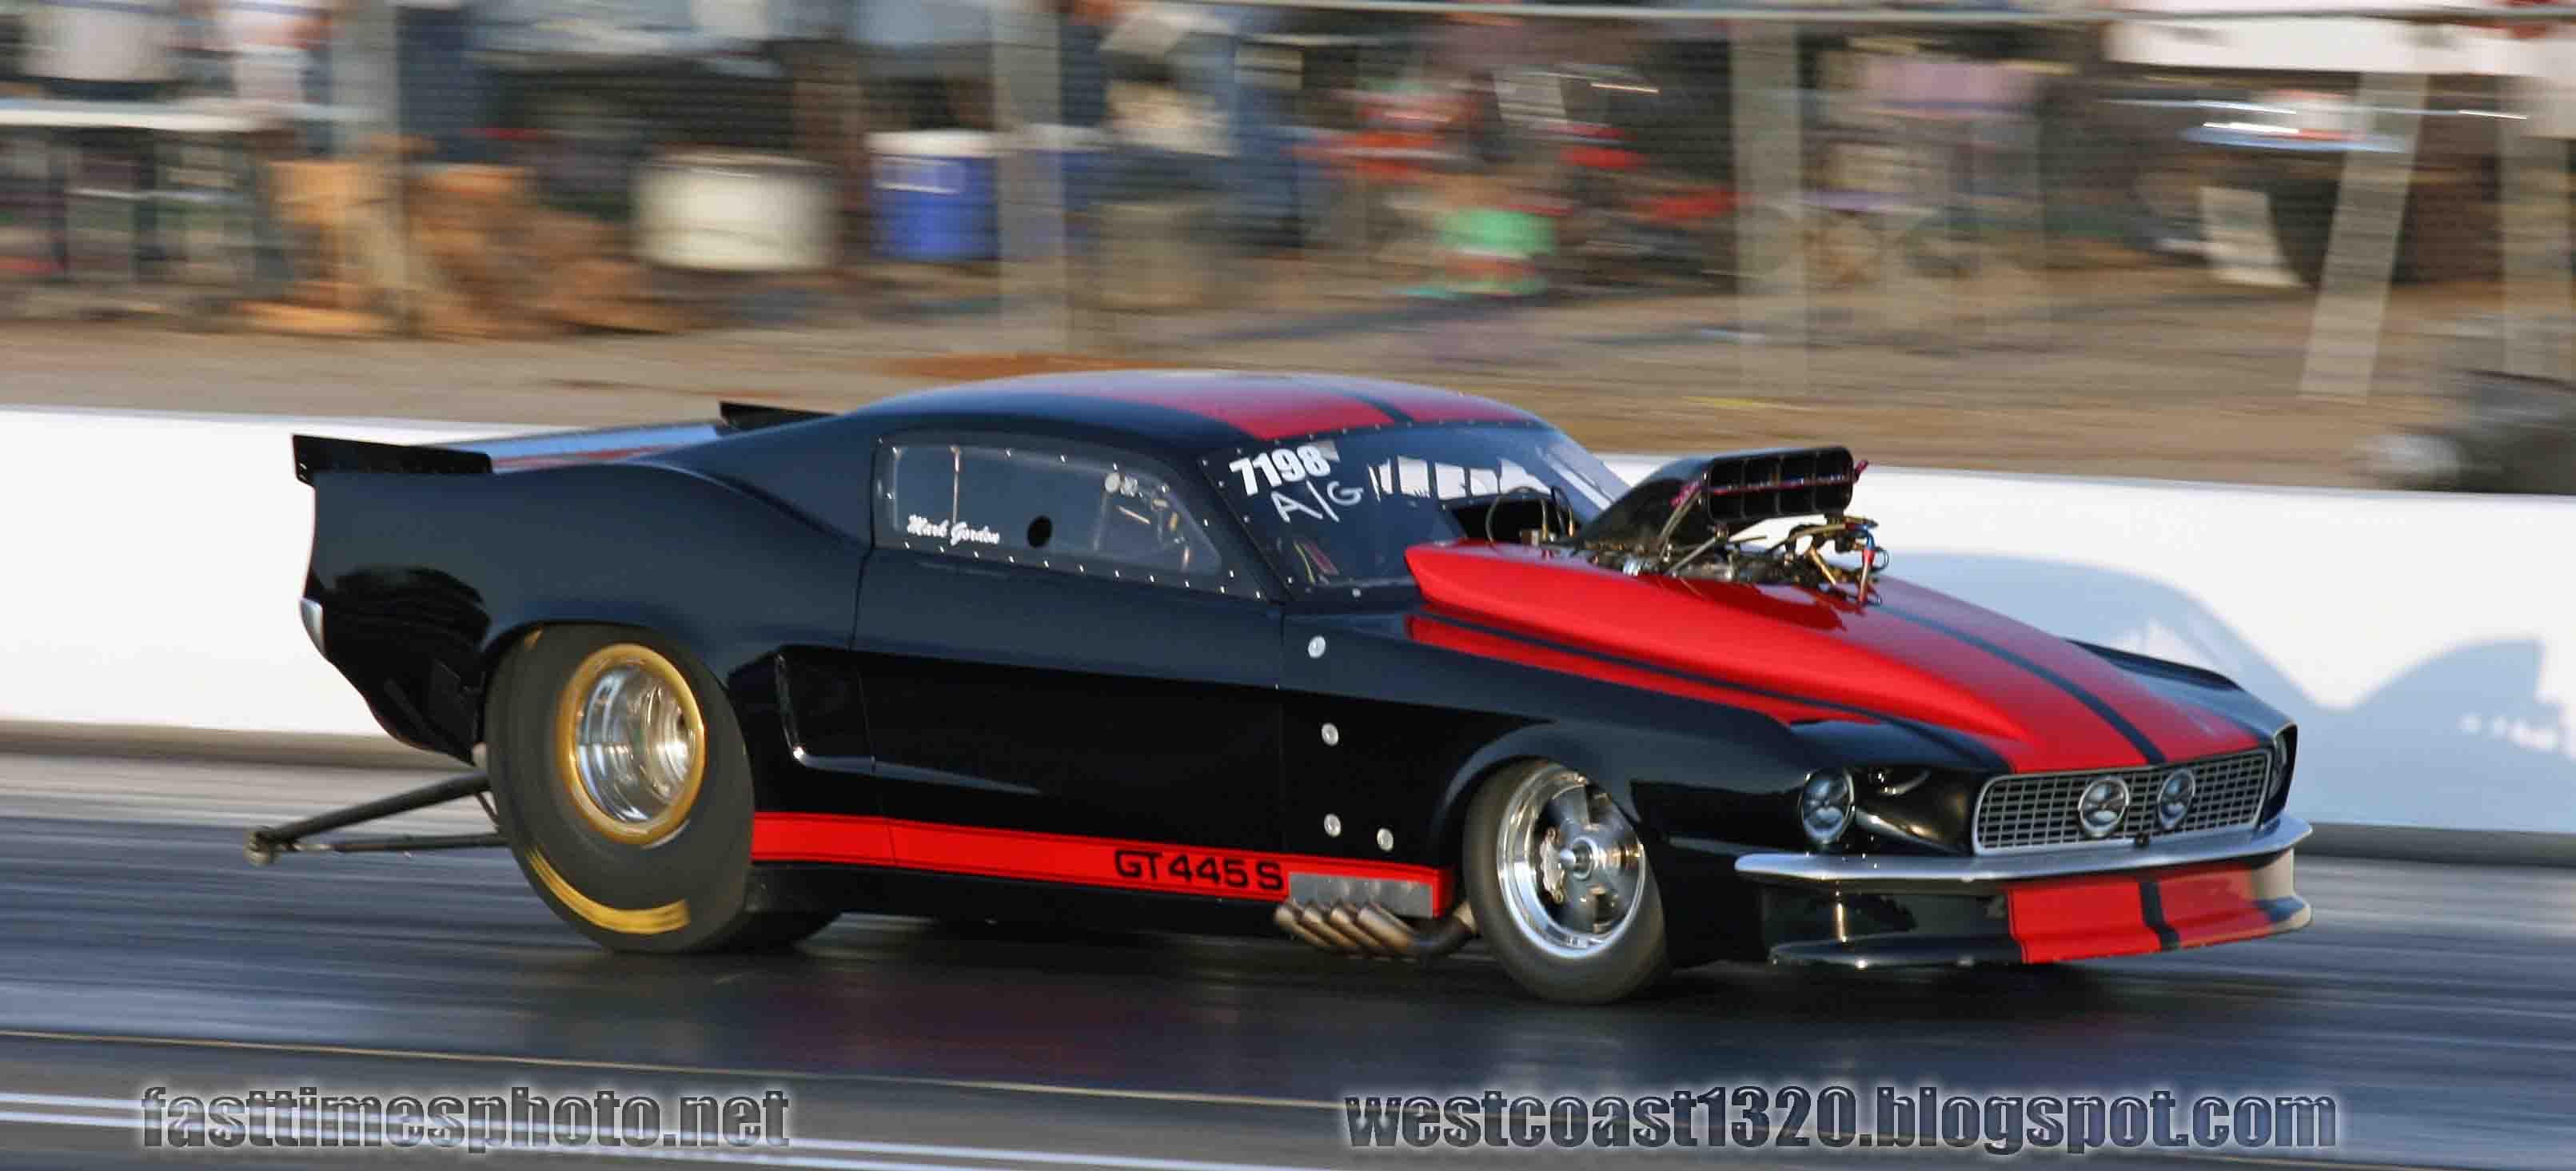 Drag cars wallpaper wallpapersafari - Drag race wallpaper ...